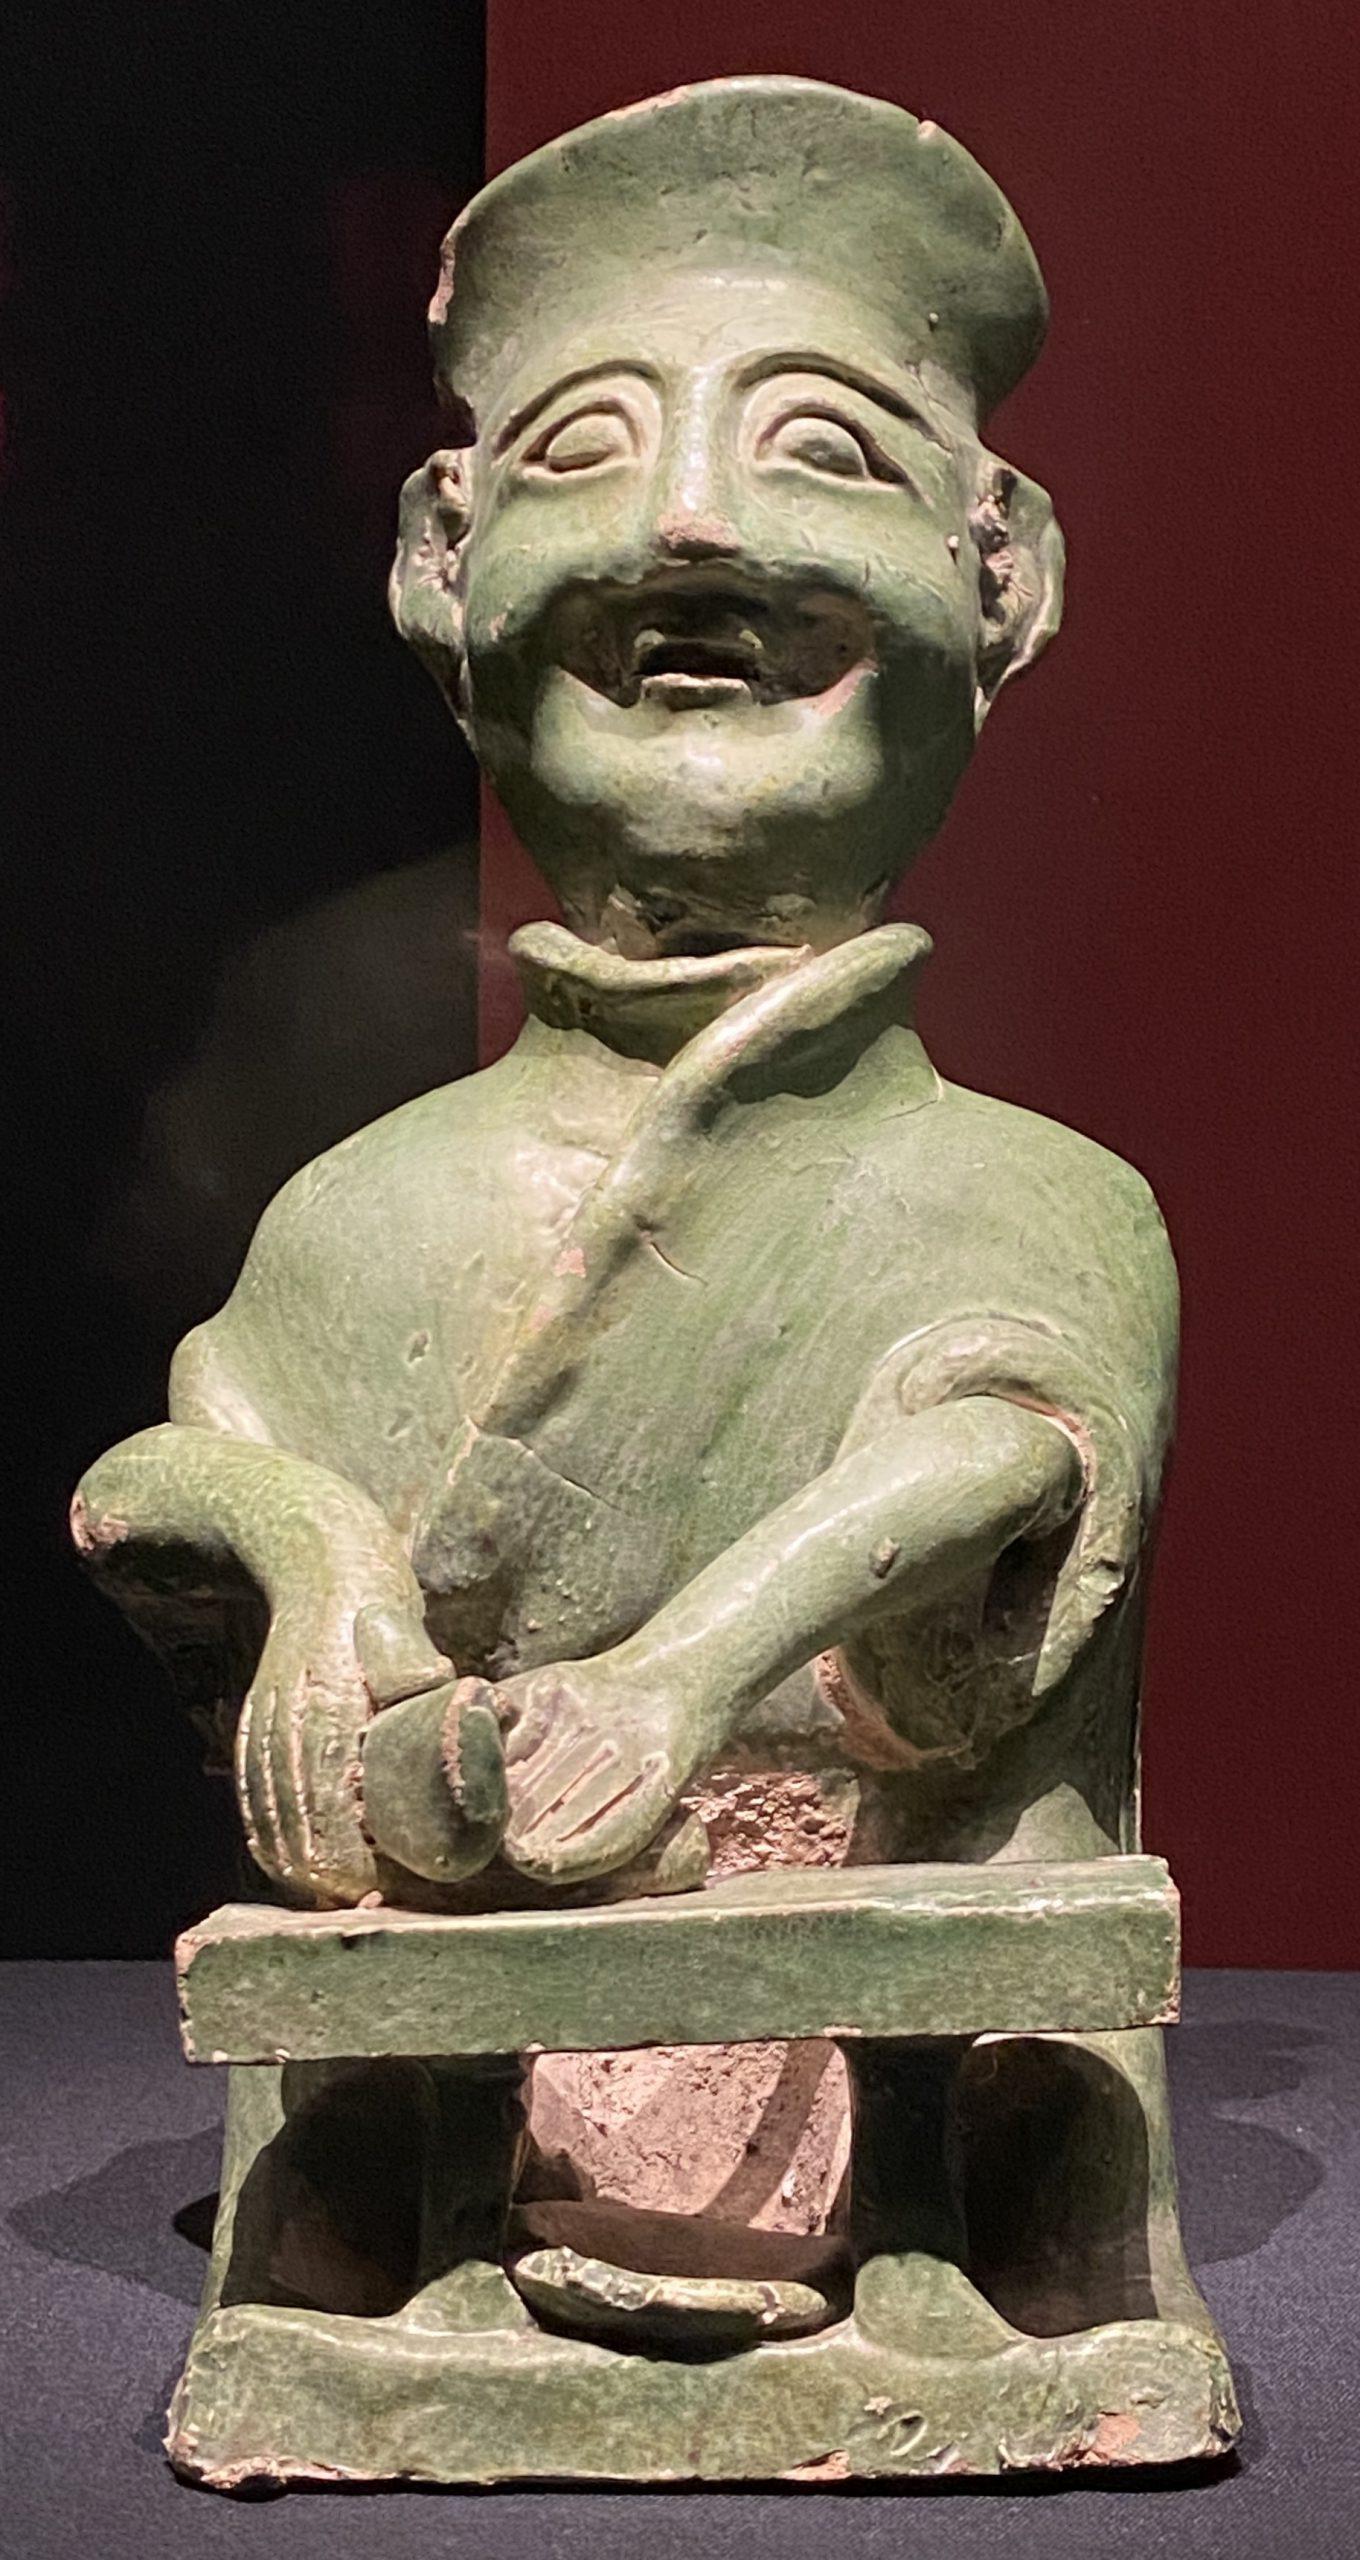 緑釉陶庖廚俑-【列備五都-秦漢時代の中国都市】-成都博物館-四川成都